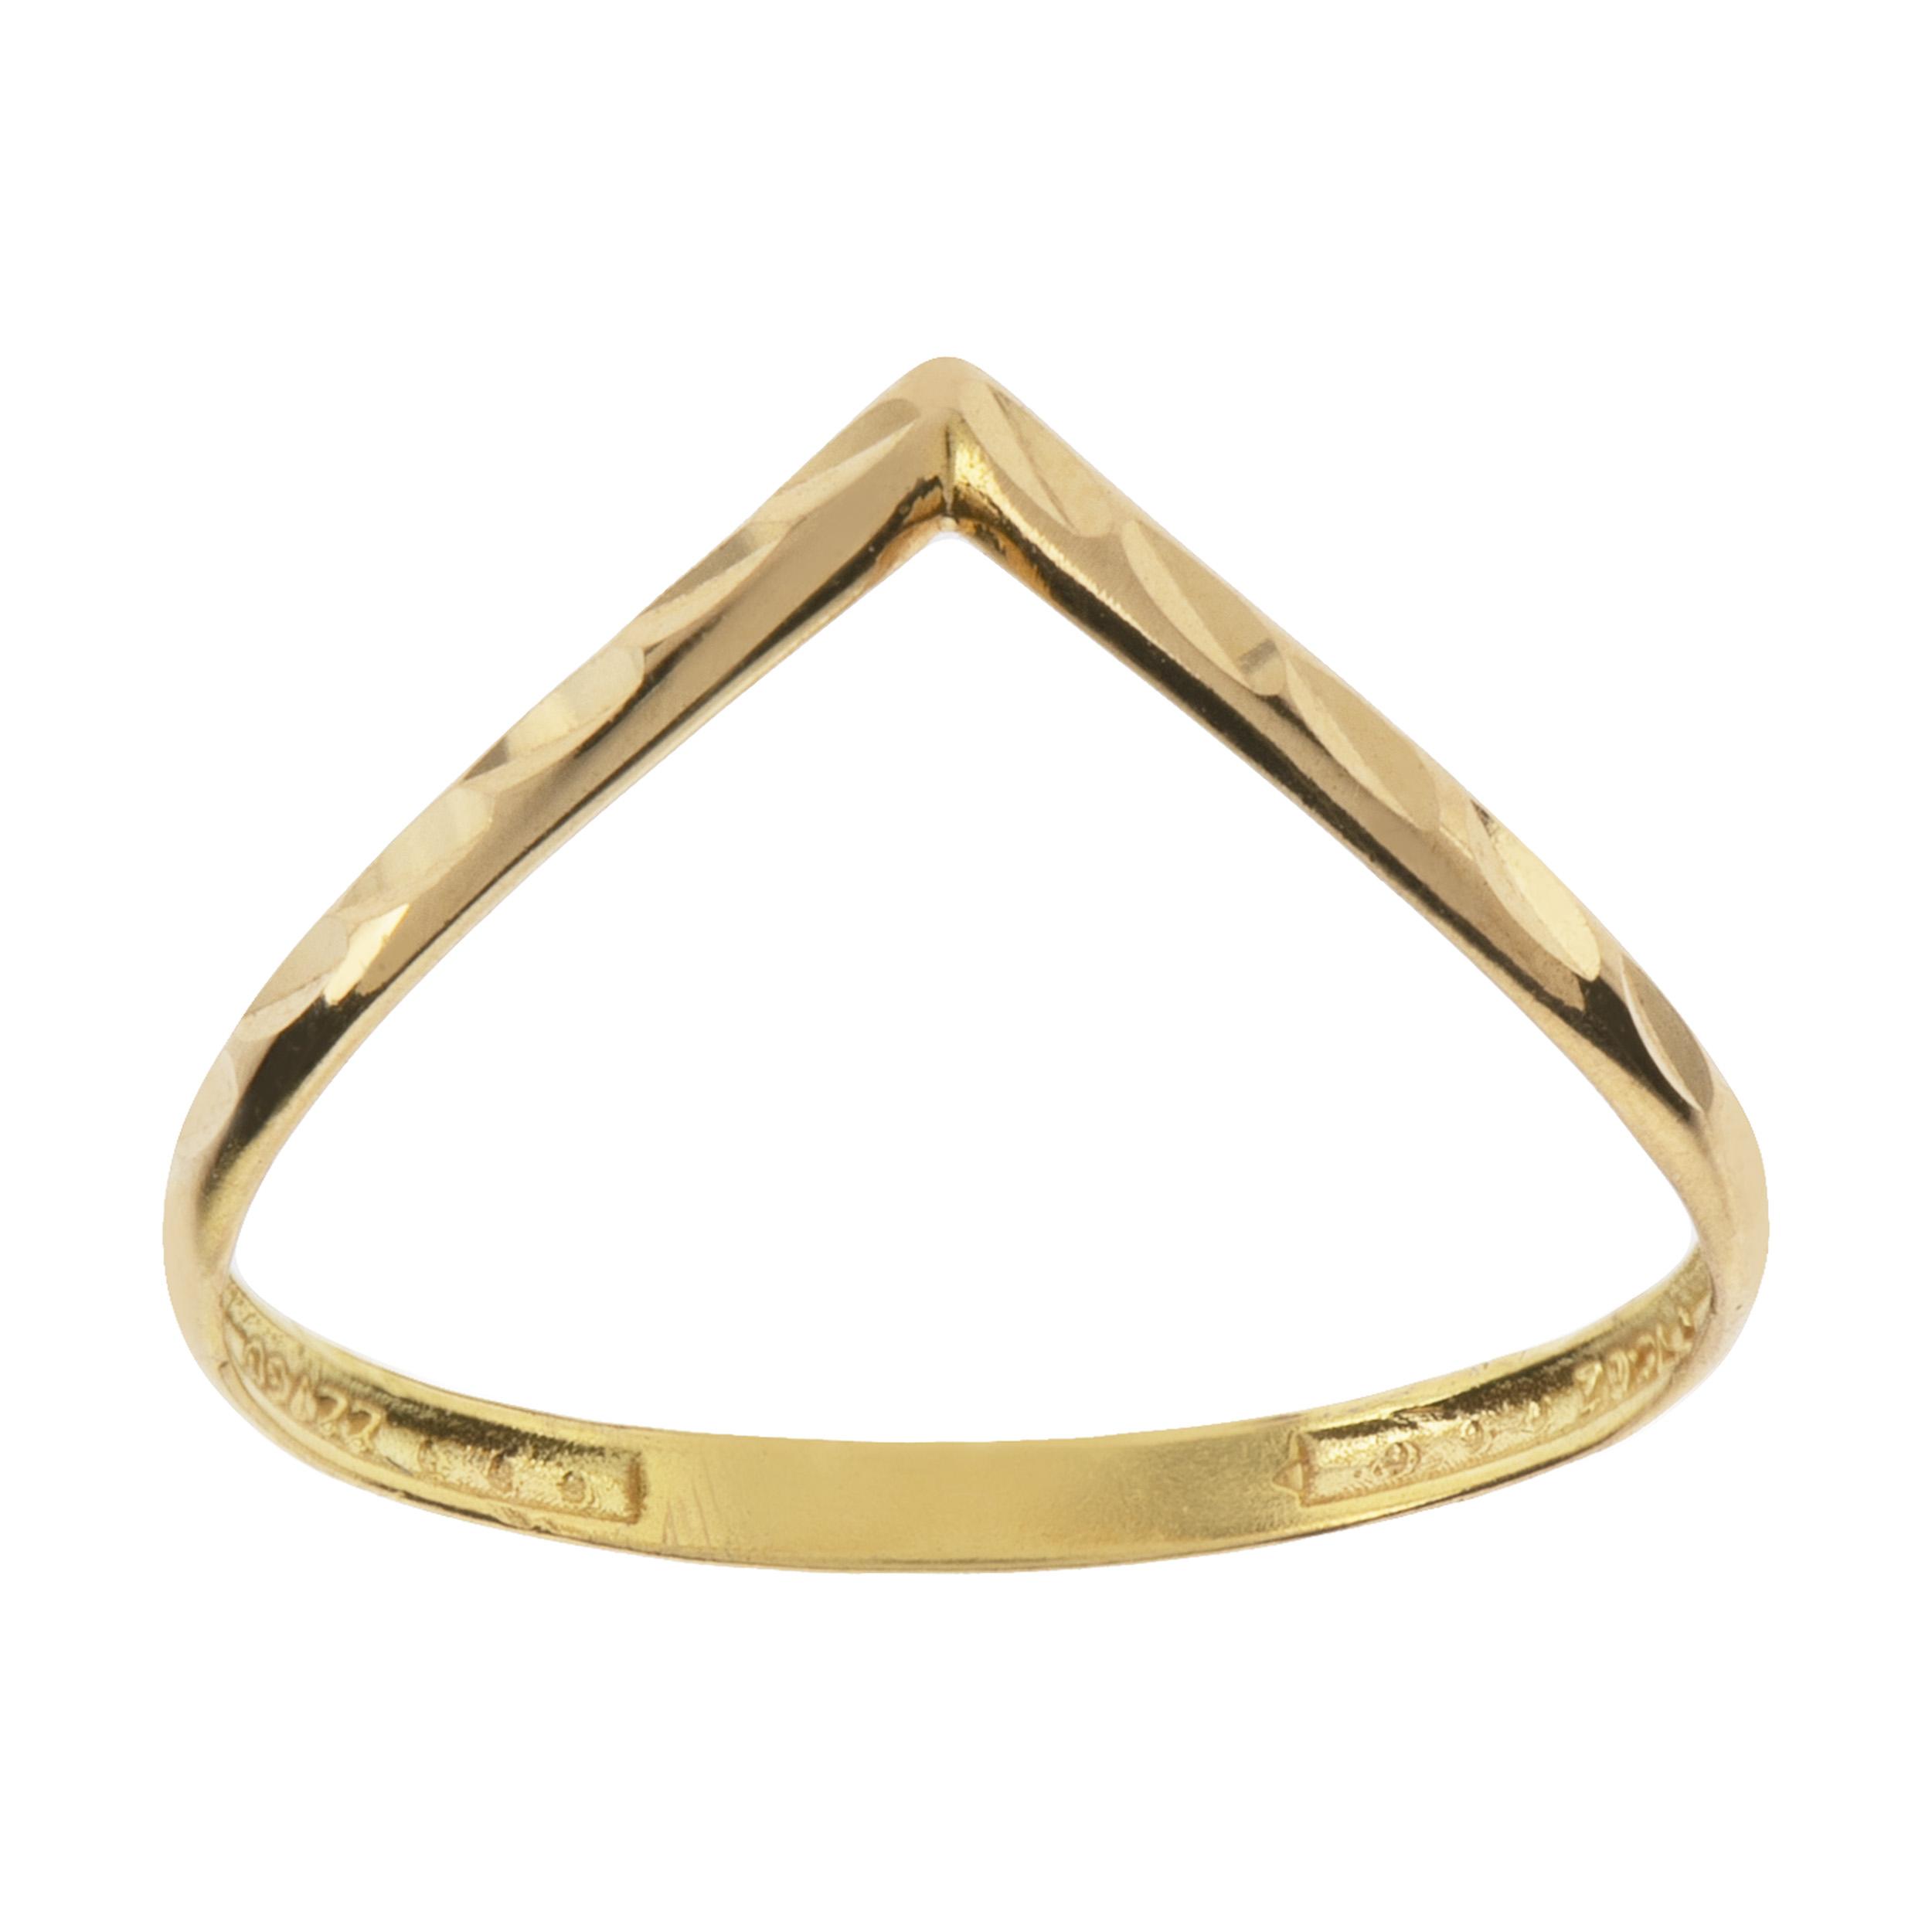 قیمت انگشتر طلا 18 عیار گیرا گالری مدل R8